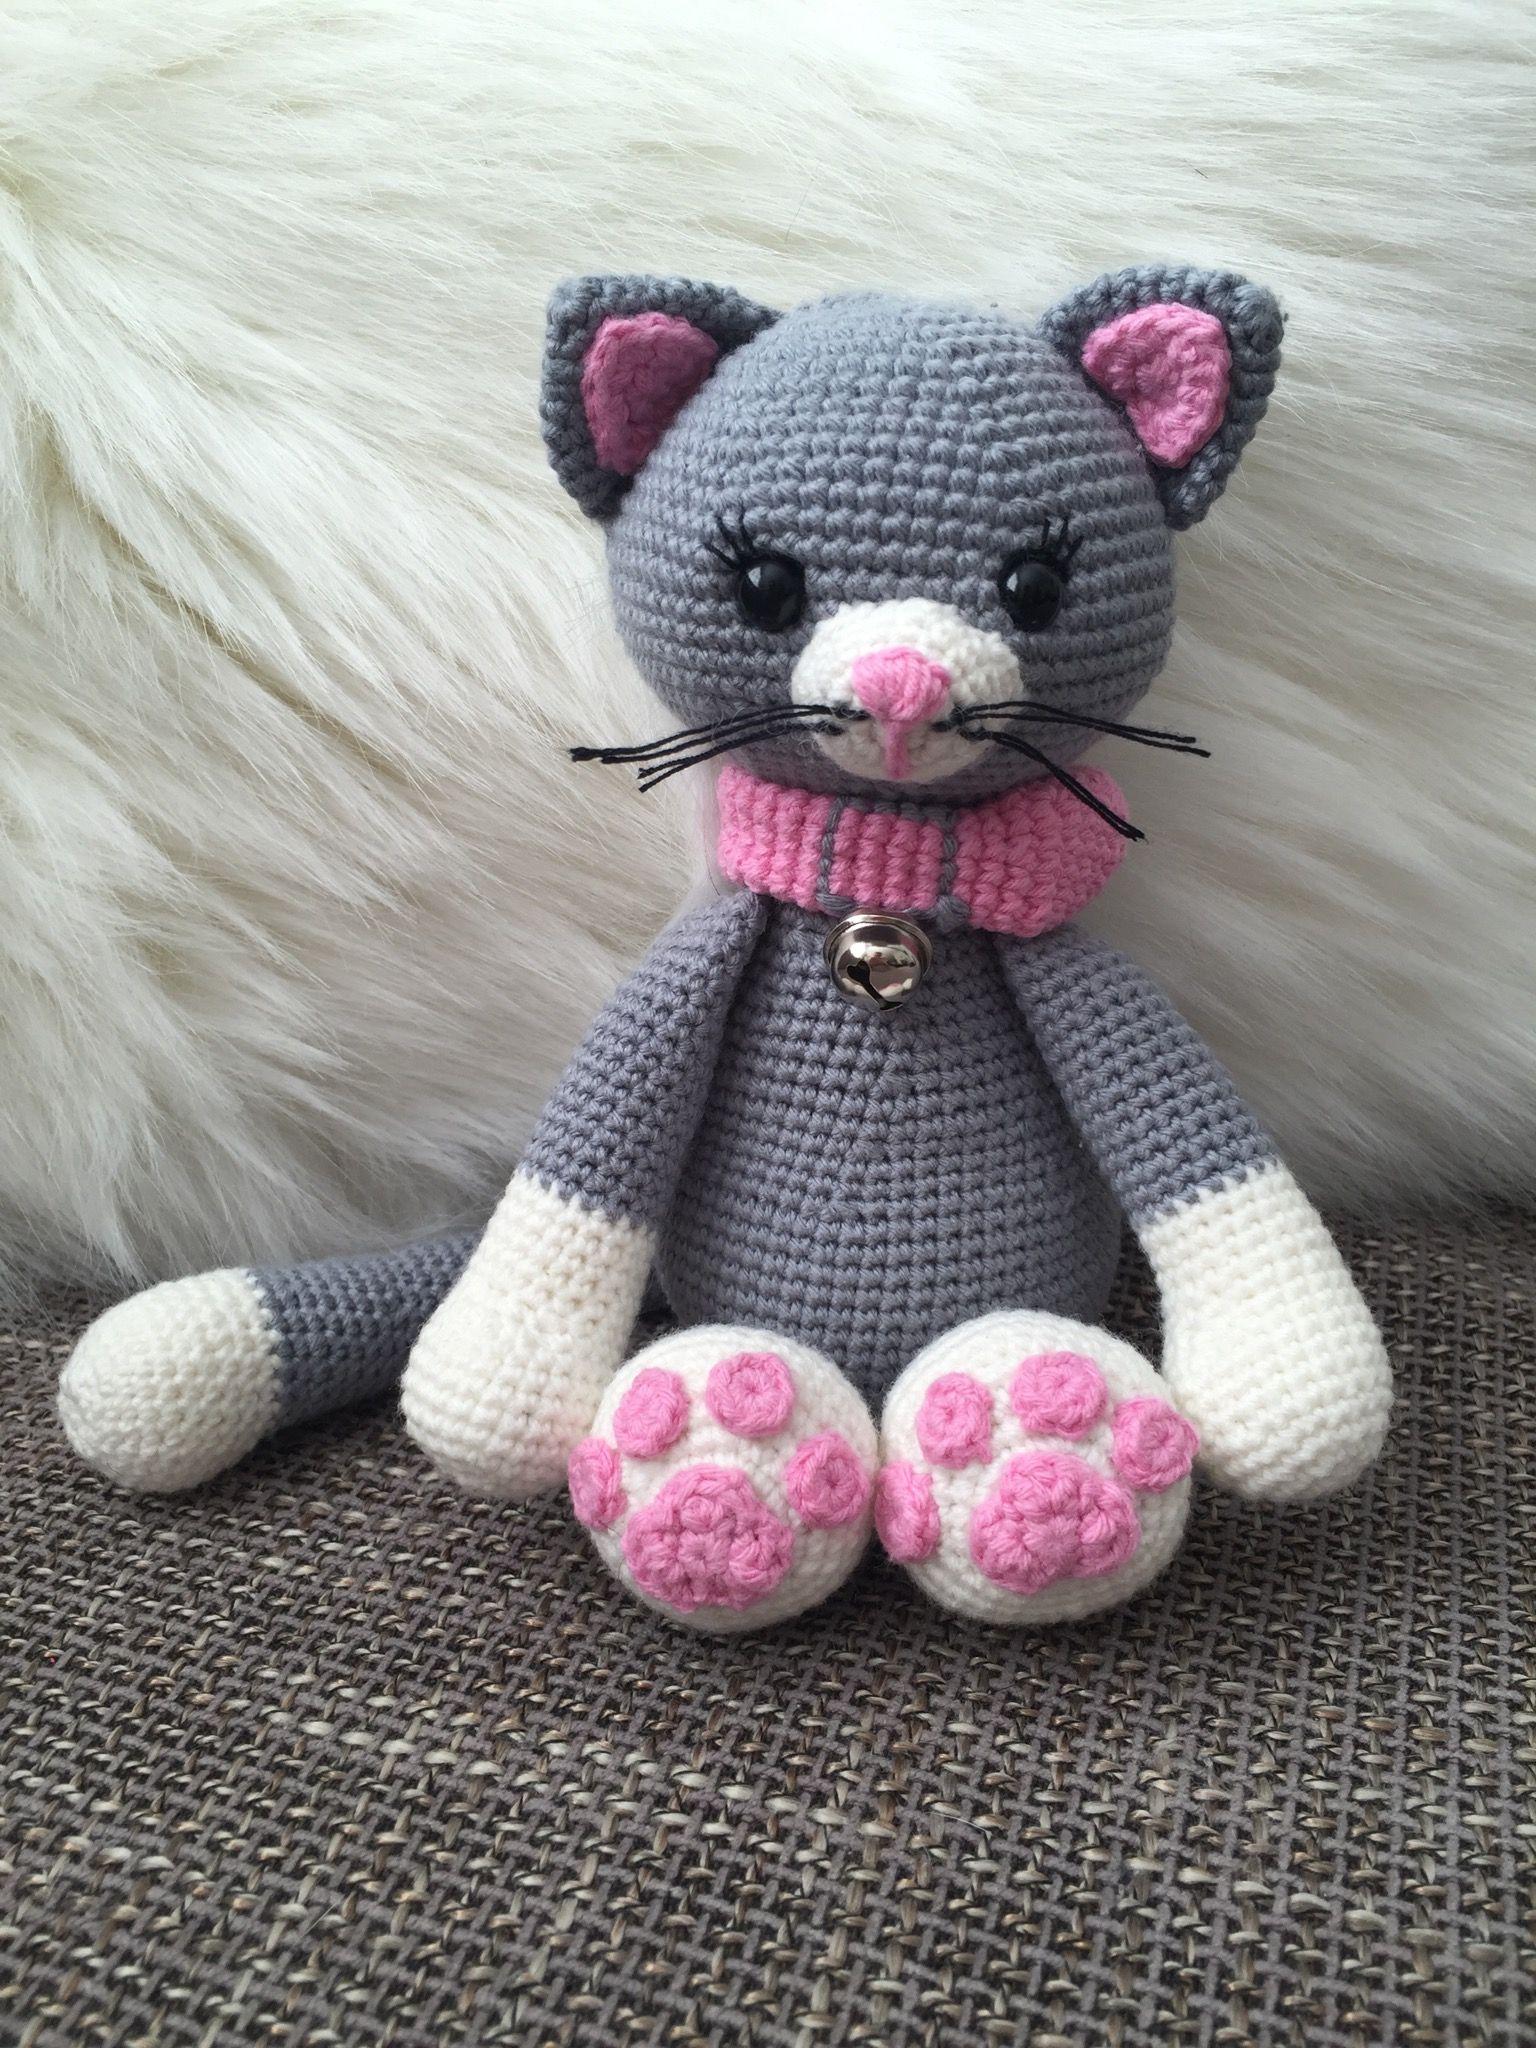 Crochet Haken Amigurumi Poesje Poes Kat Cat Crochet Pinterest